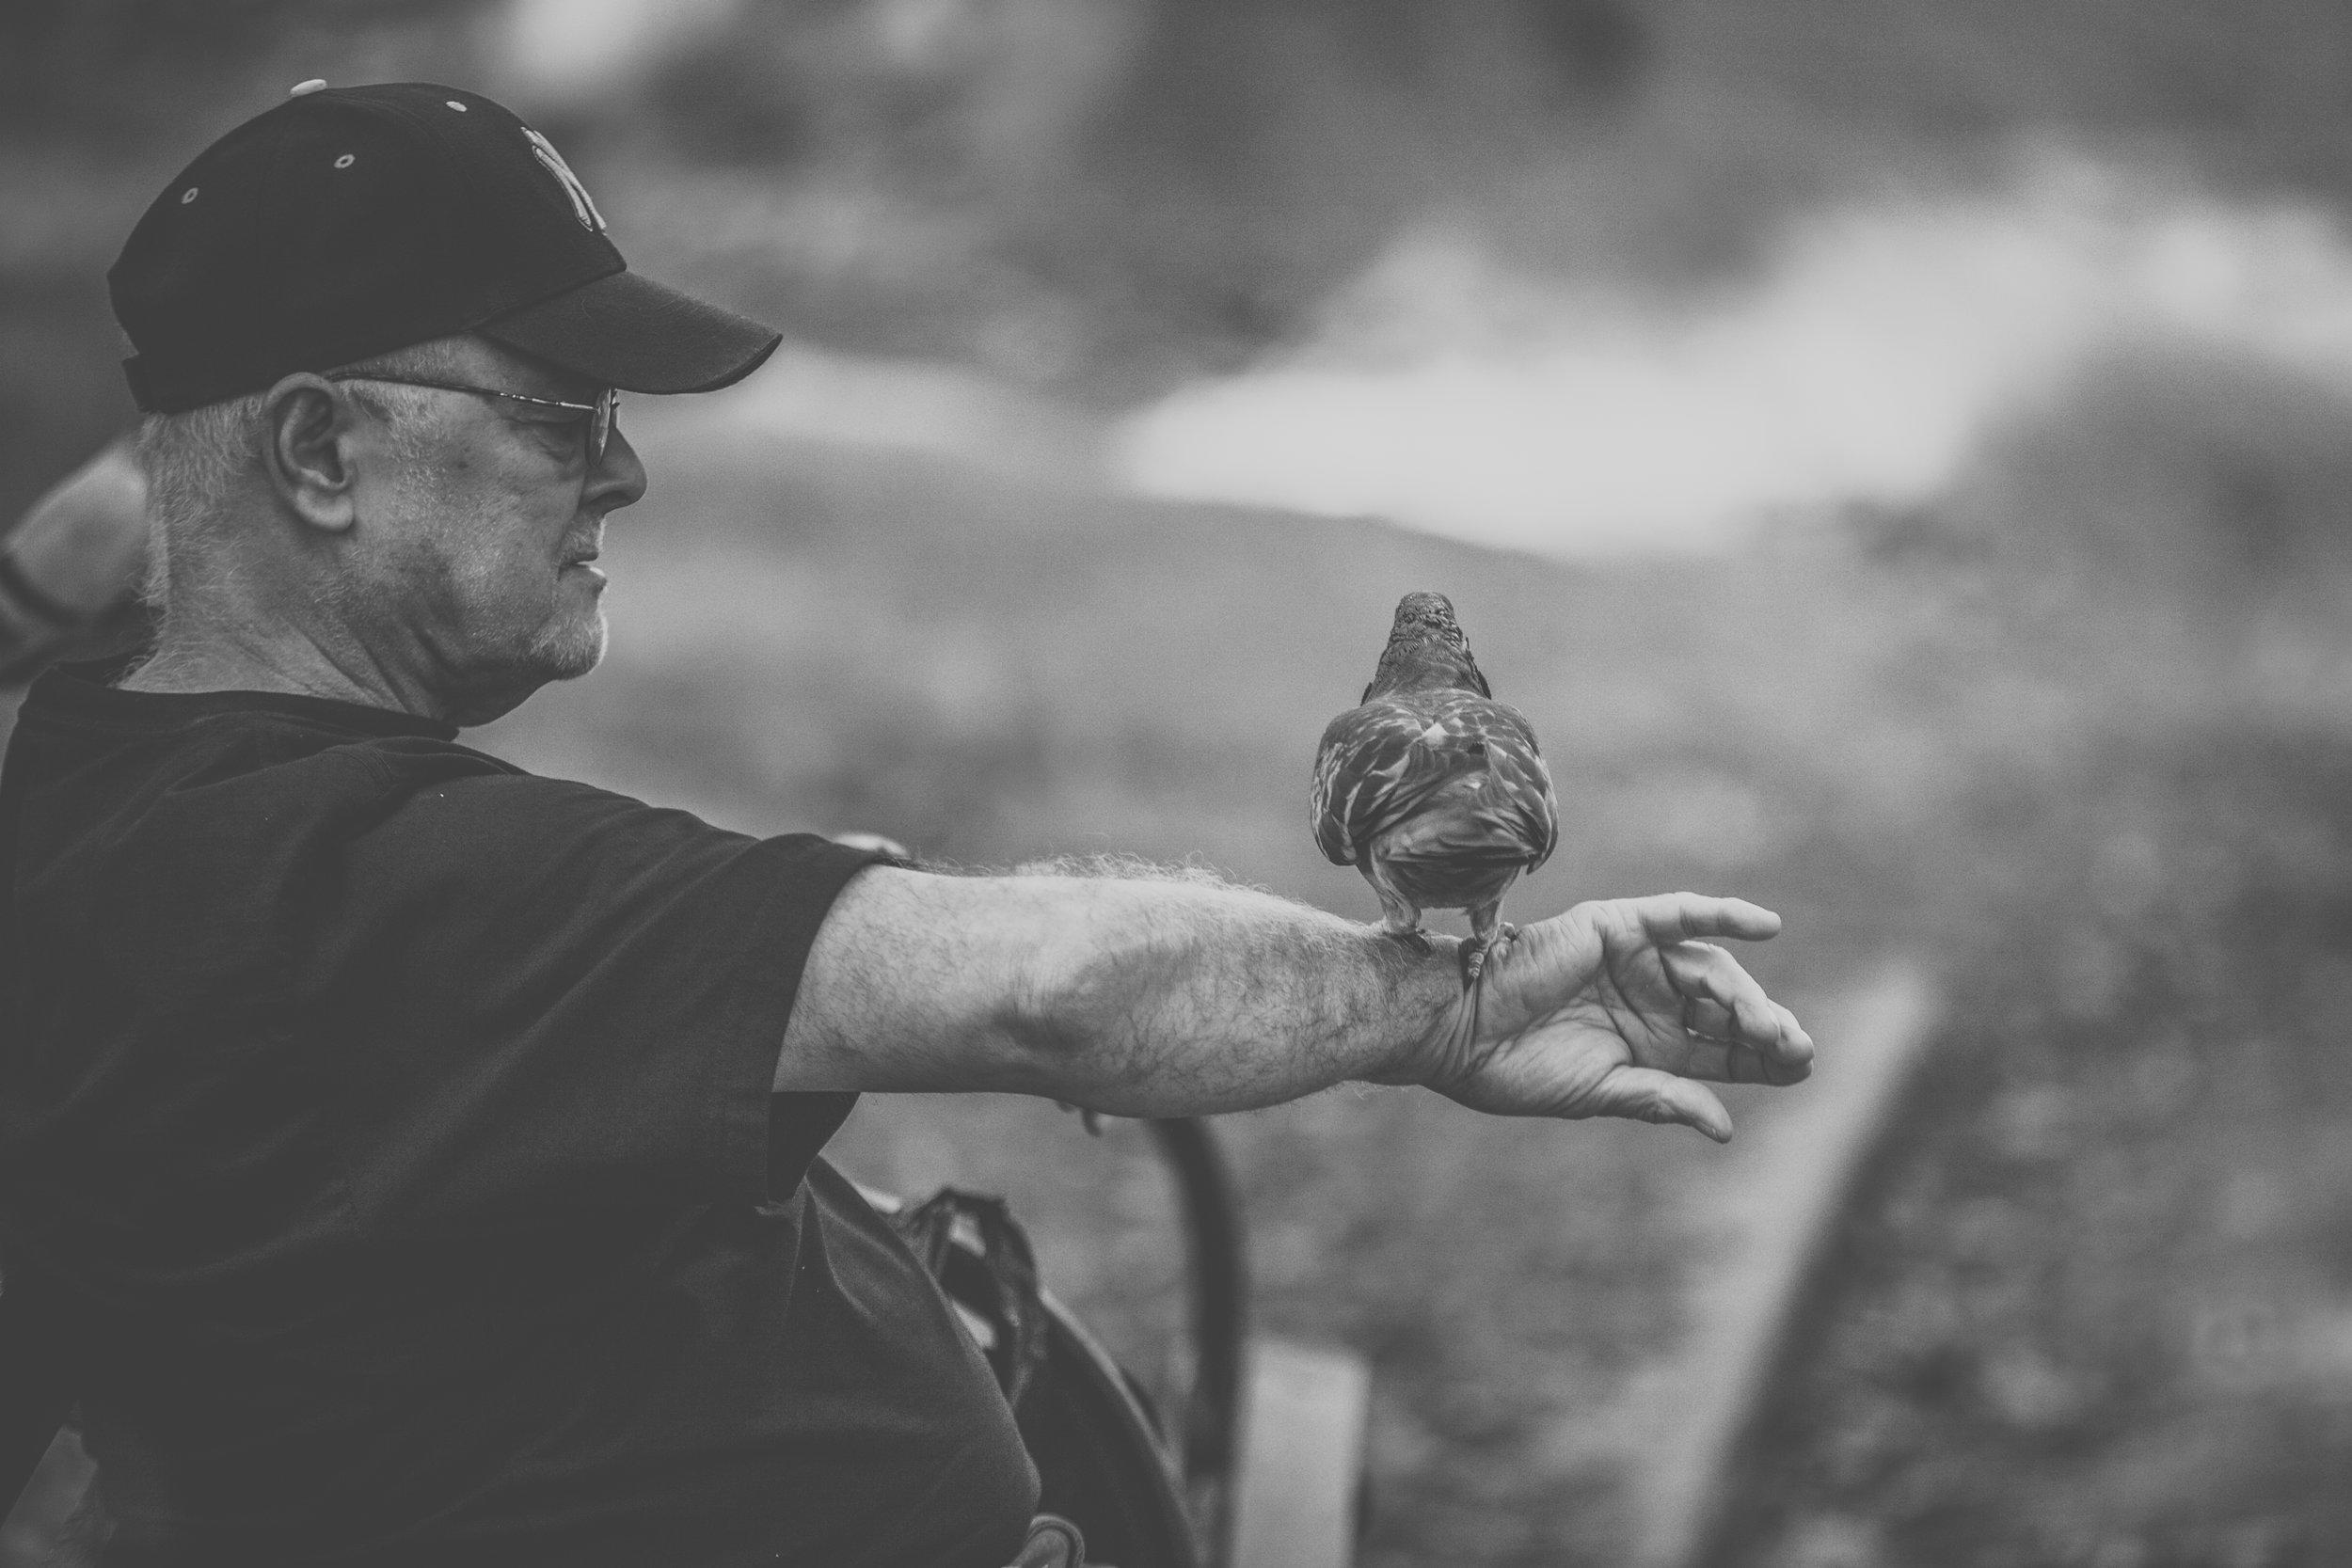 Feed The Birds | Central Park, New York City, New York | 2012 | © Christy 'Chrysti' Hydeck